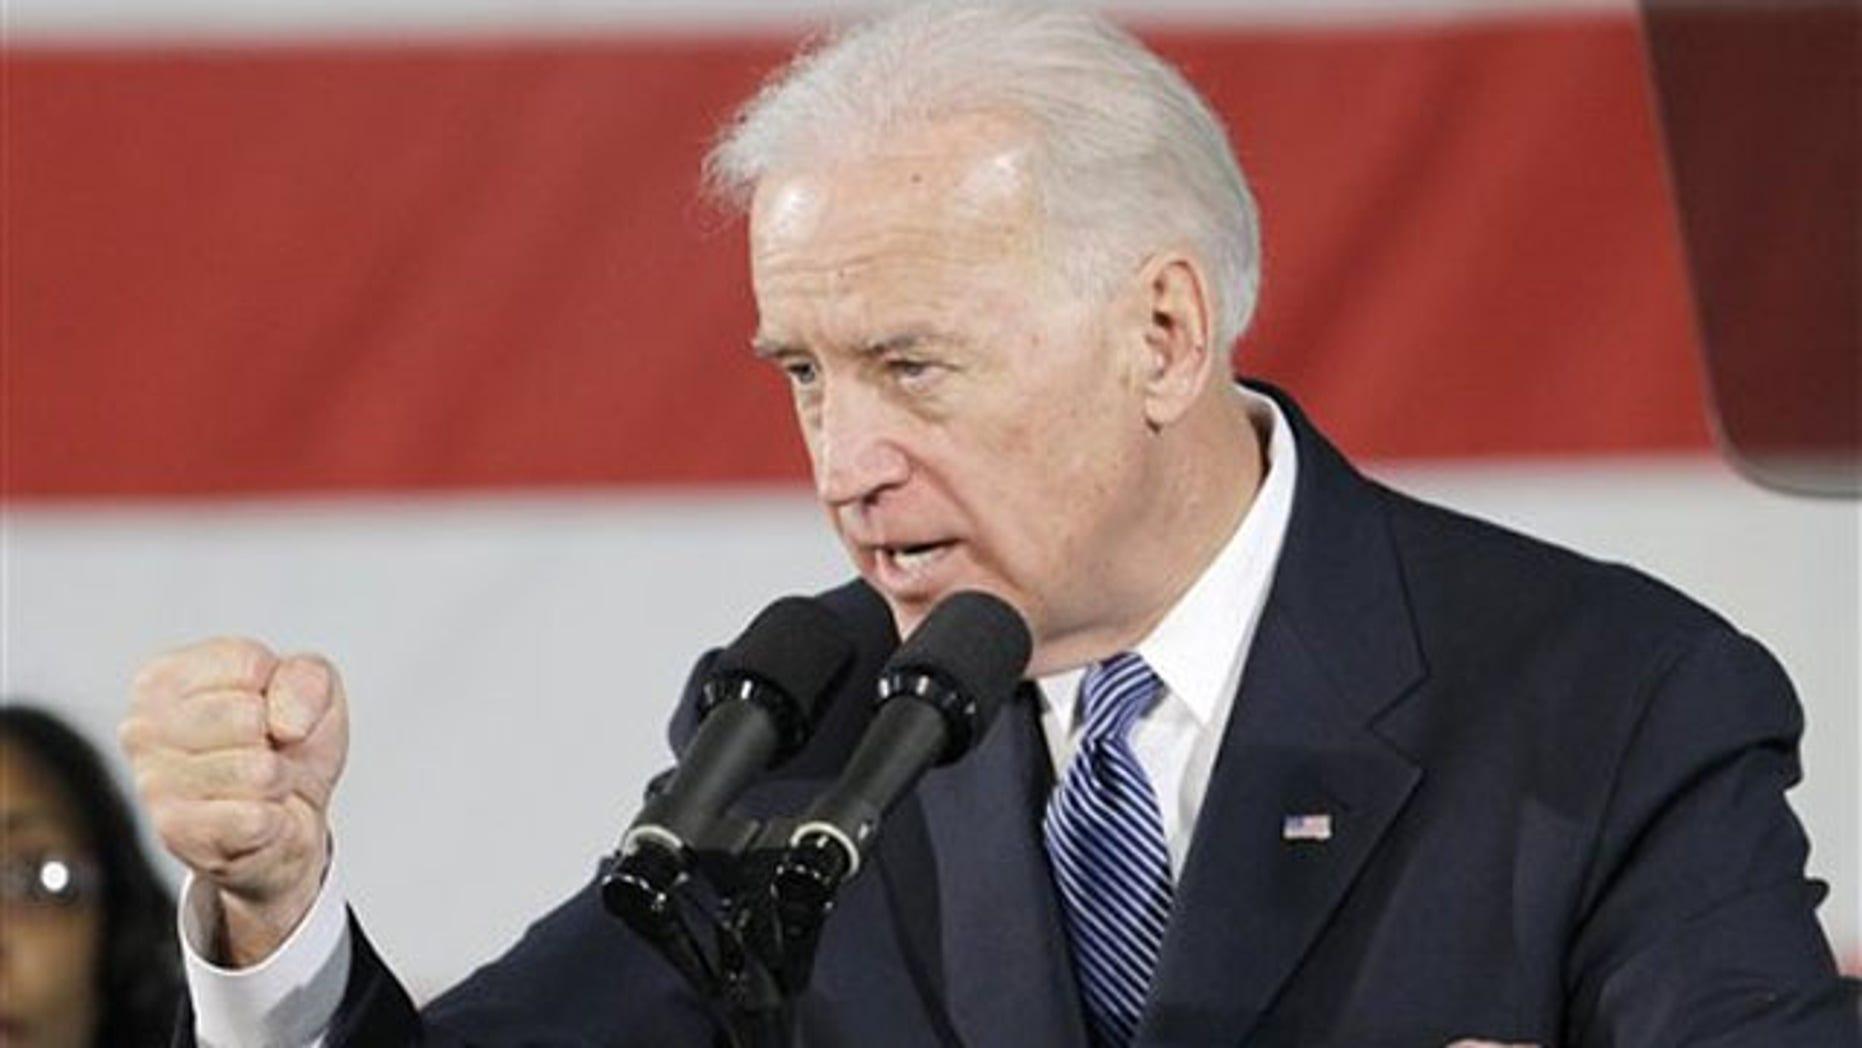 Vice President Joe Biden speaks at Ener1, Inc., in Greenfield, Ind., Jan. 26.